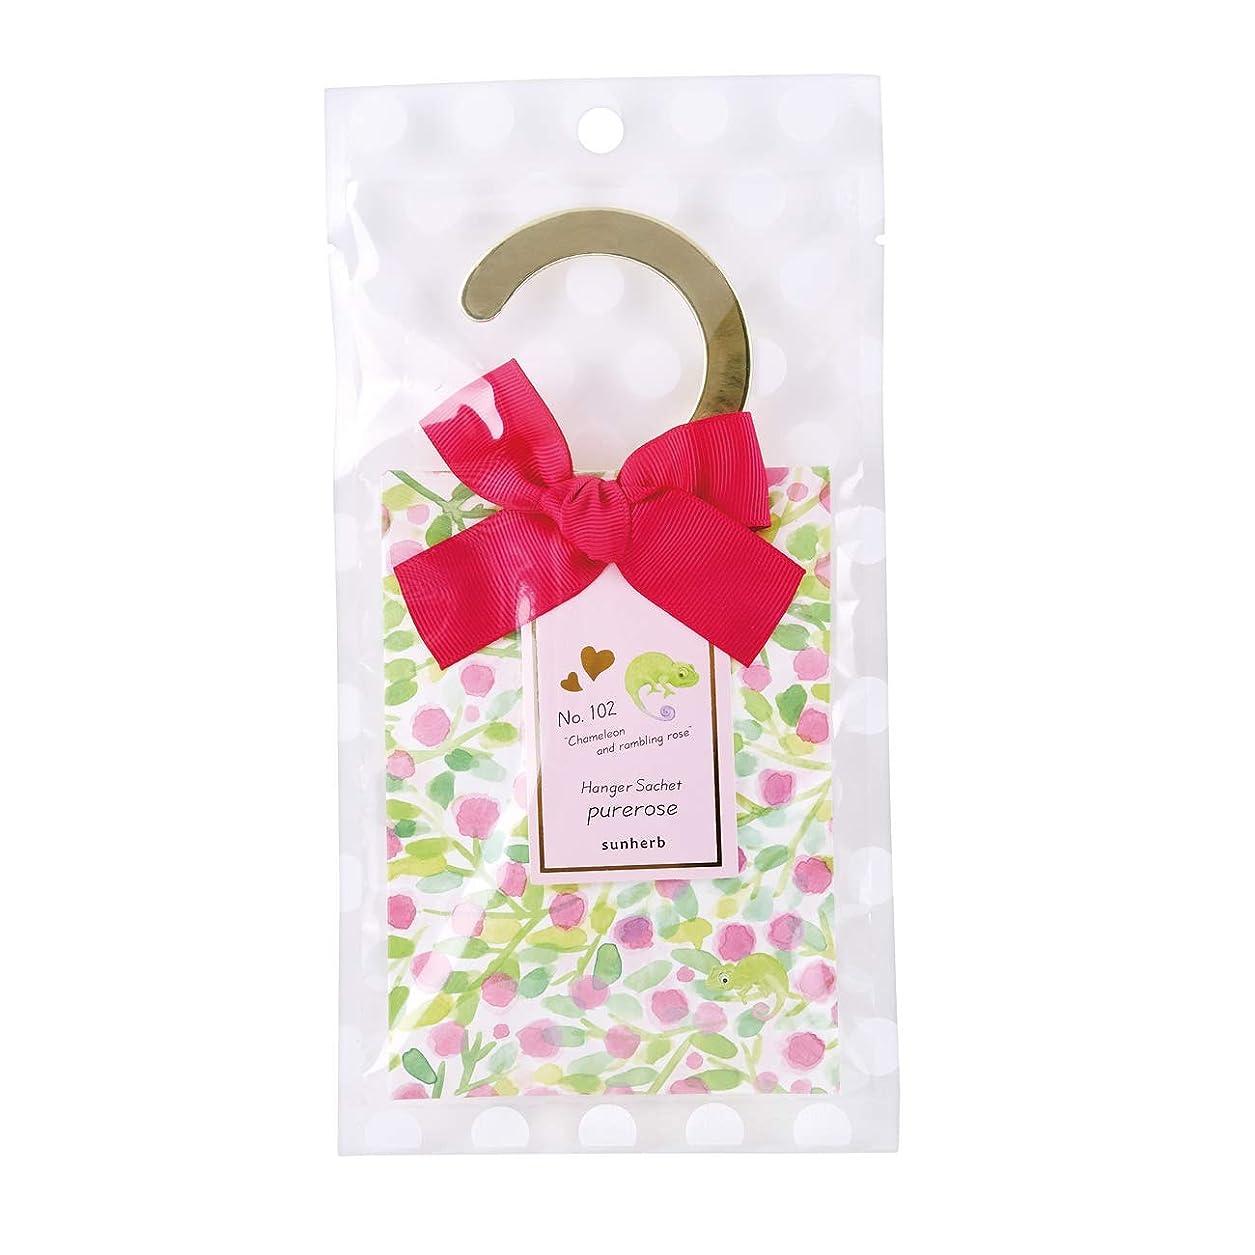 郵便番号スパーク人道的サンハーブ ハンガーサシェ ピュアローズの香り (吊り下げ芳香剤 カメレオンがこっそりかくれてます)